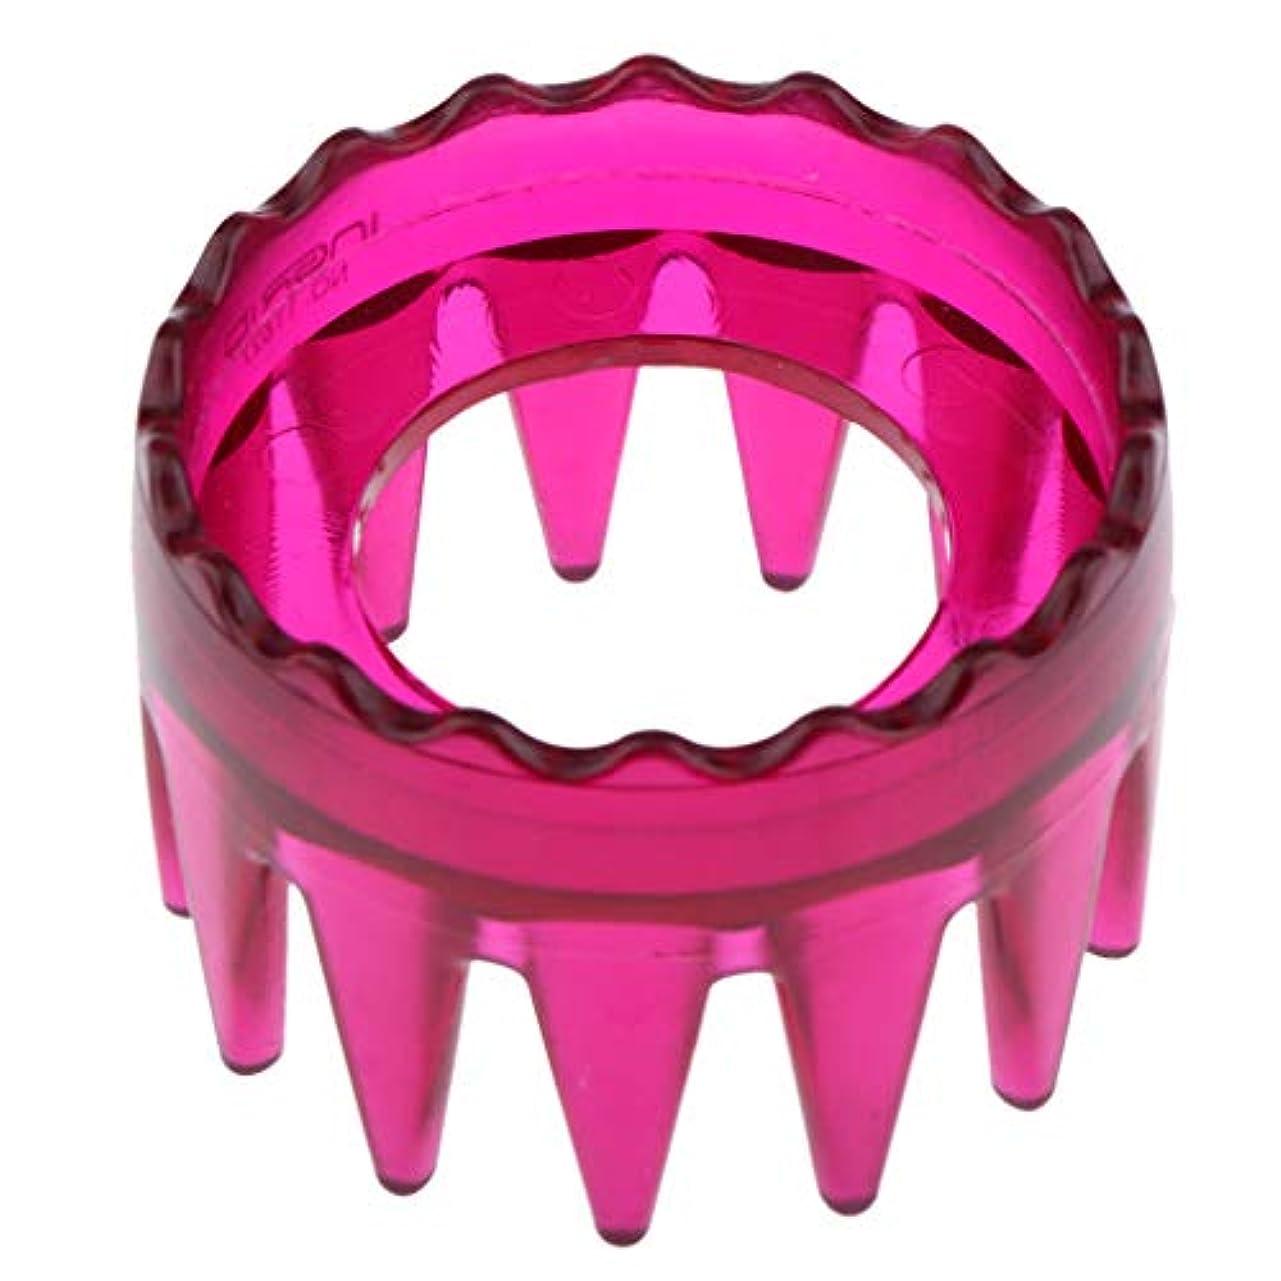 前文既にマインド全4色 シャンプーブラシ 洗髪櫛 マッサージャー ヘアコーム ヘアブラシ 直径約6cm プラスチック製 - ローズレッド